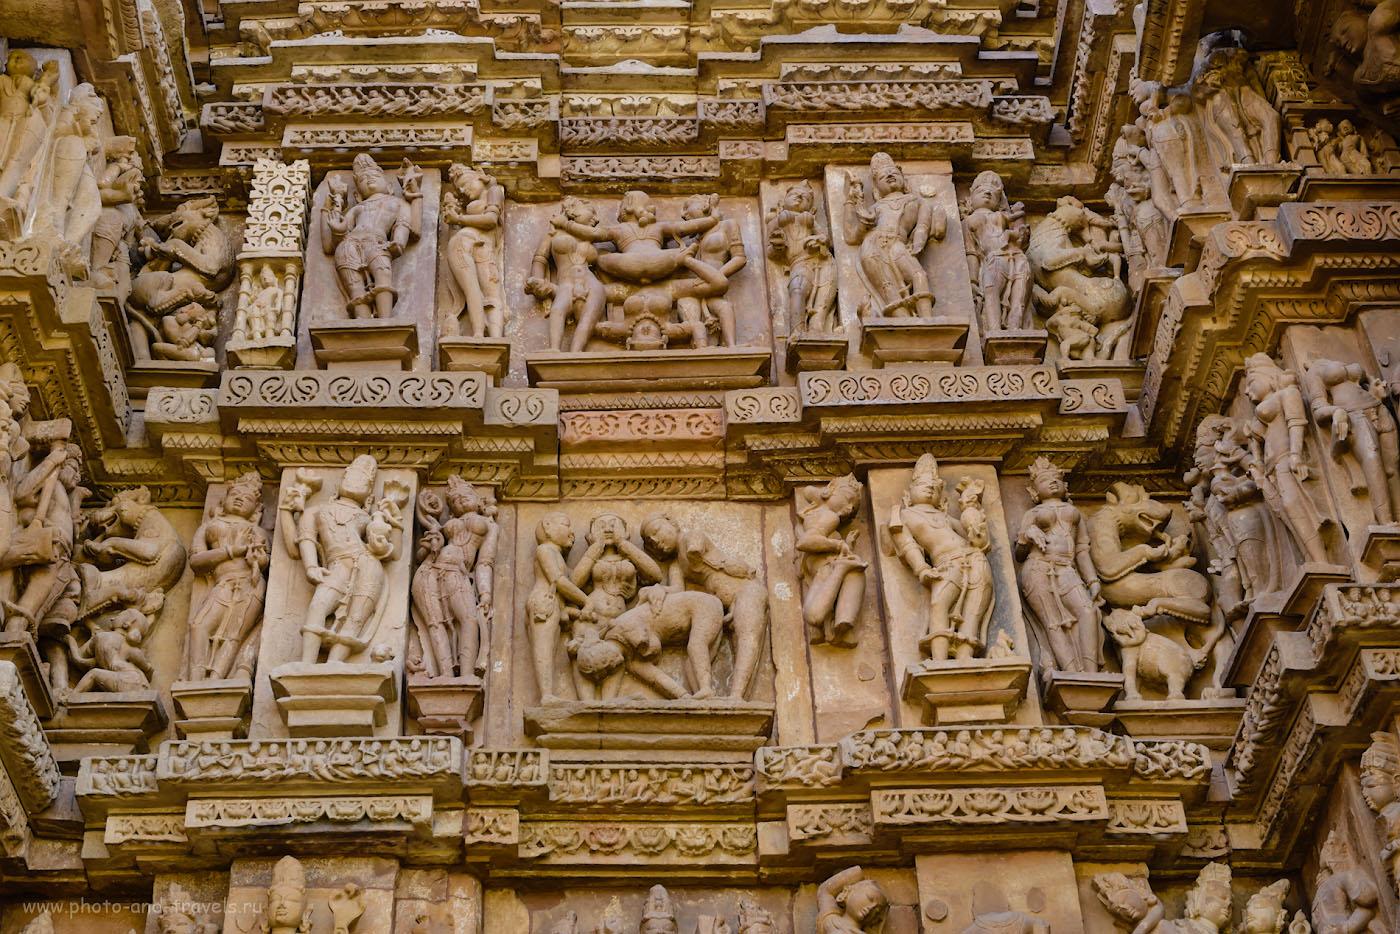 Фото 5. Теперь понятно, почему храмы в Кхаджурахо называют храмами Камасутры? 1/100, 8.0, 500, 50.